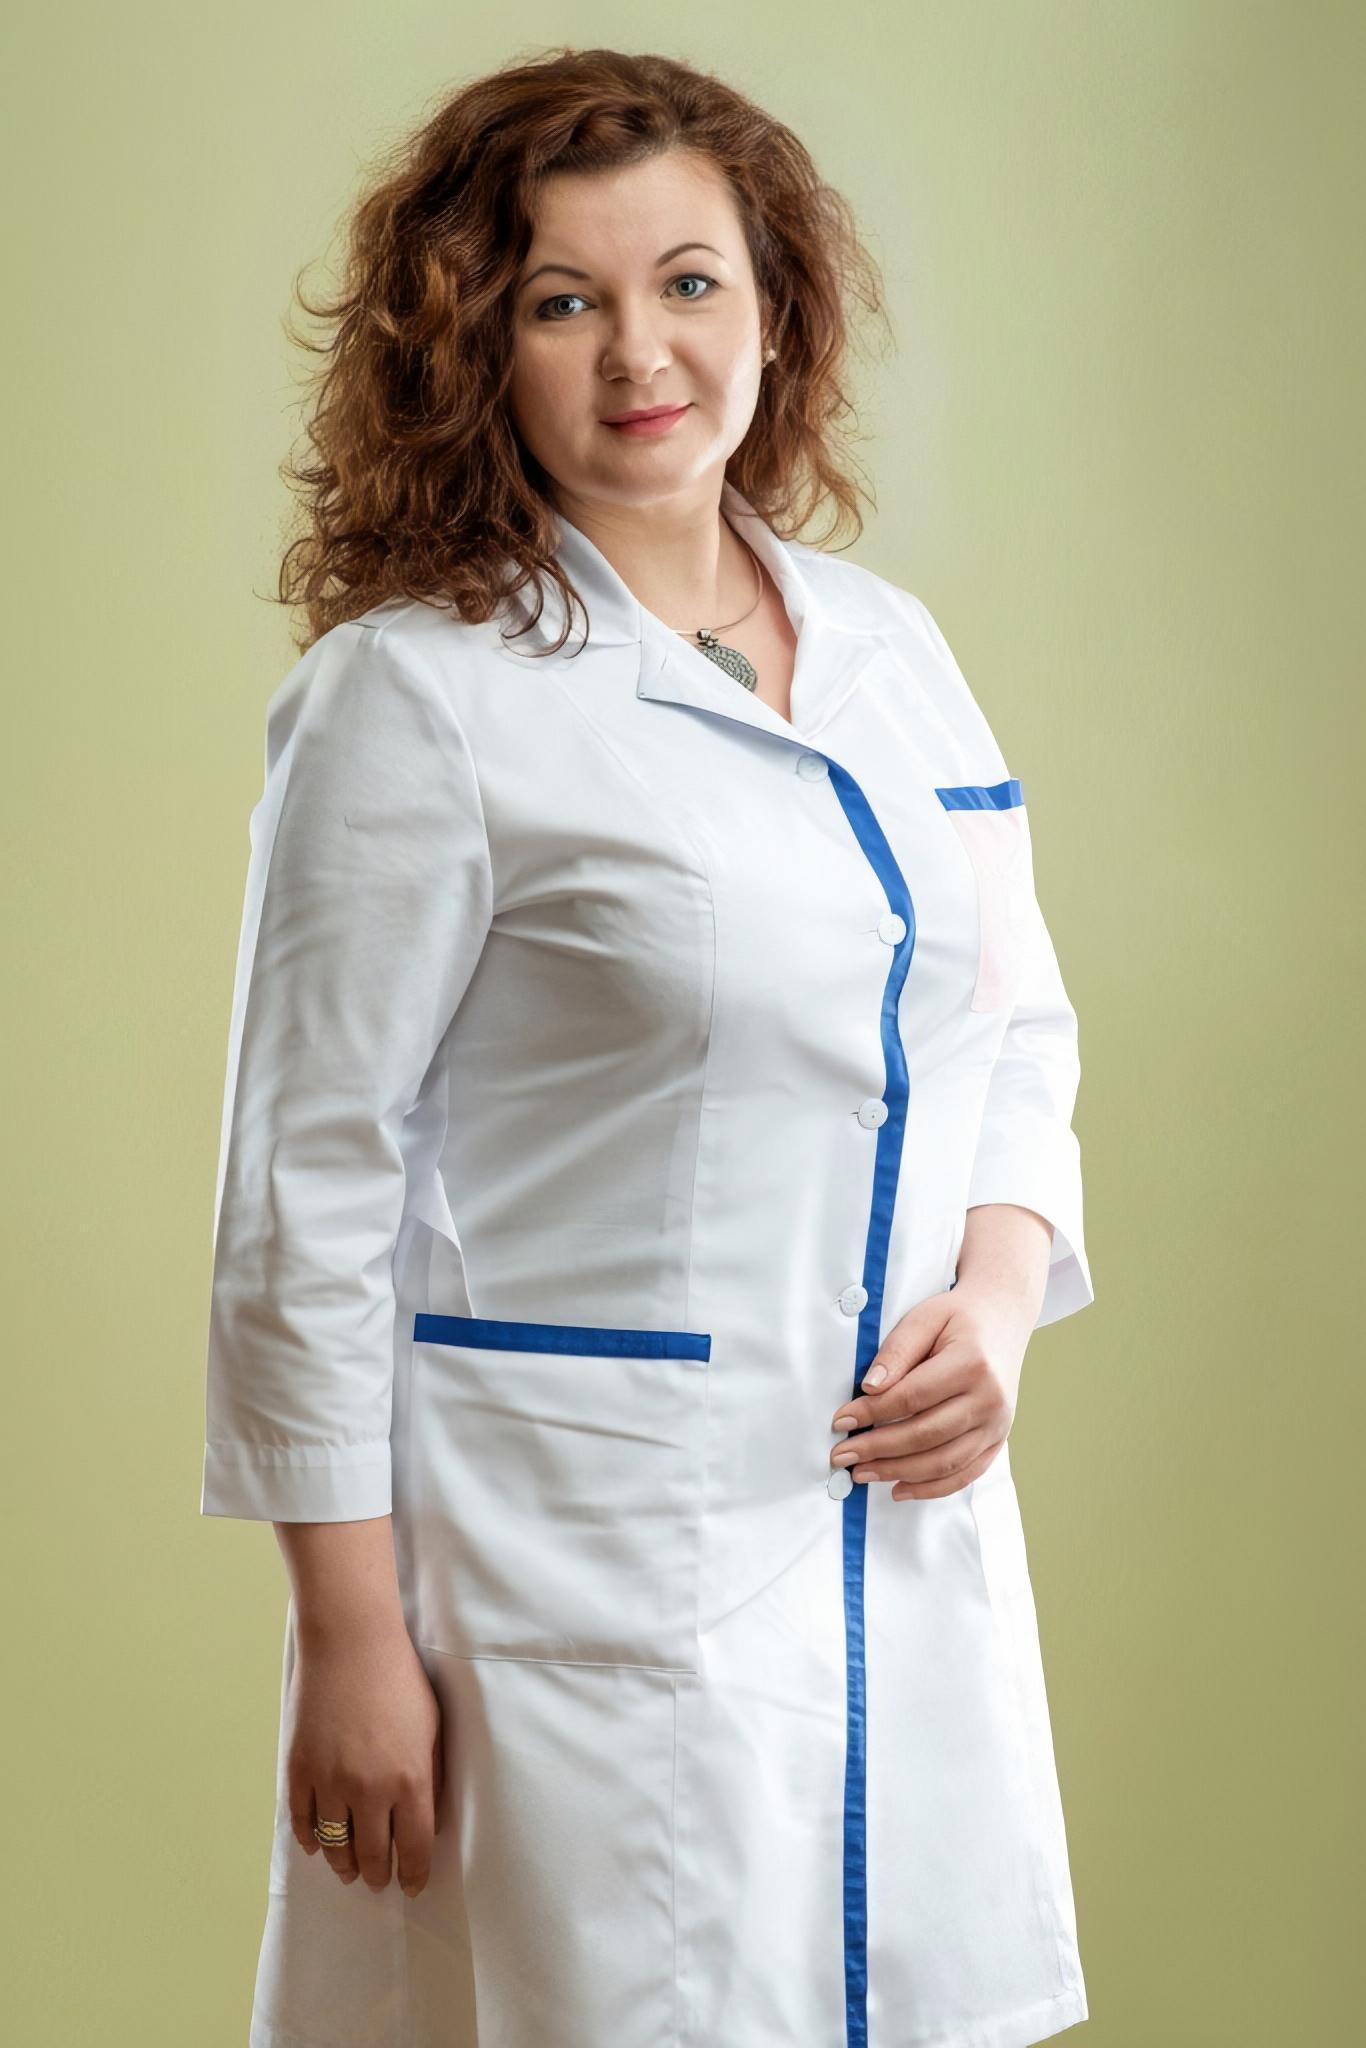 Miroshnichenko Natalya Alexandrovna